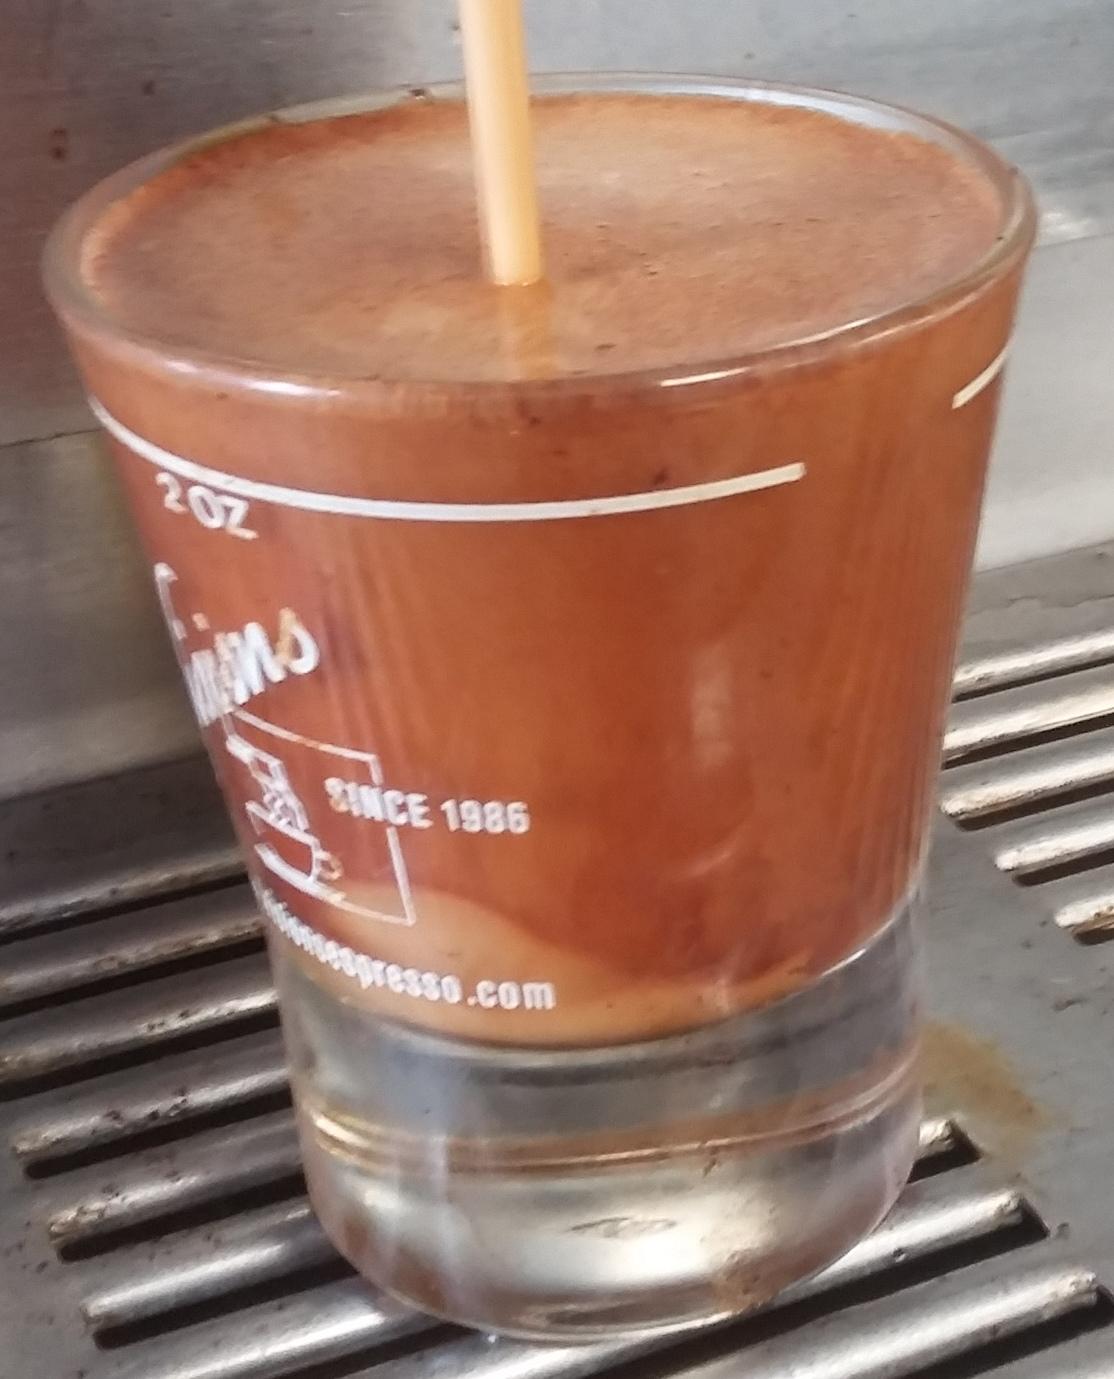 creama, espresso, cappuccino, latte, mocha,